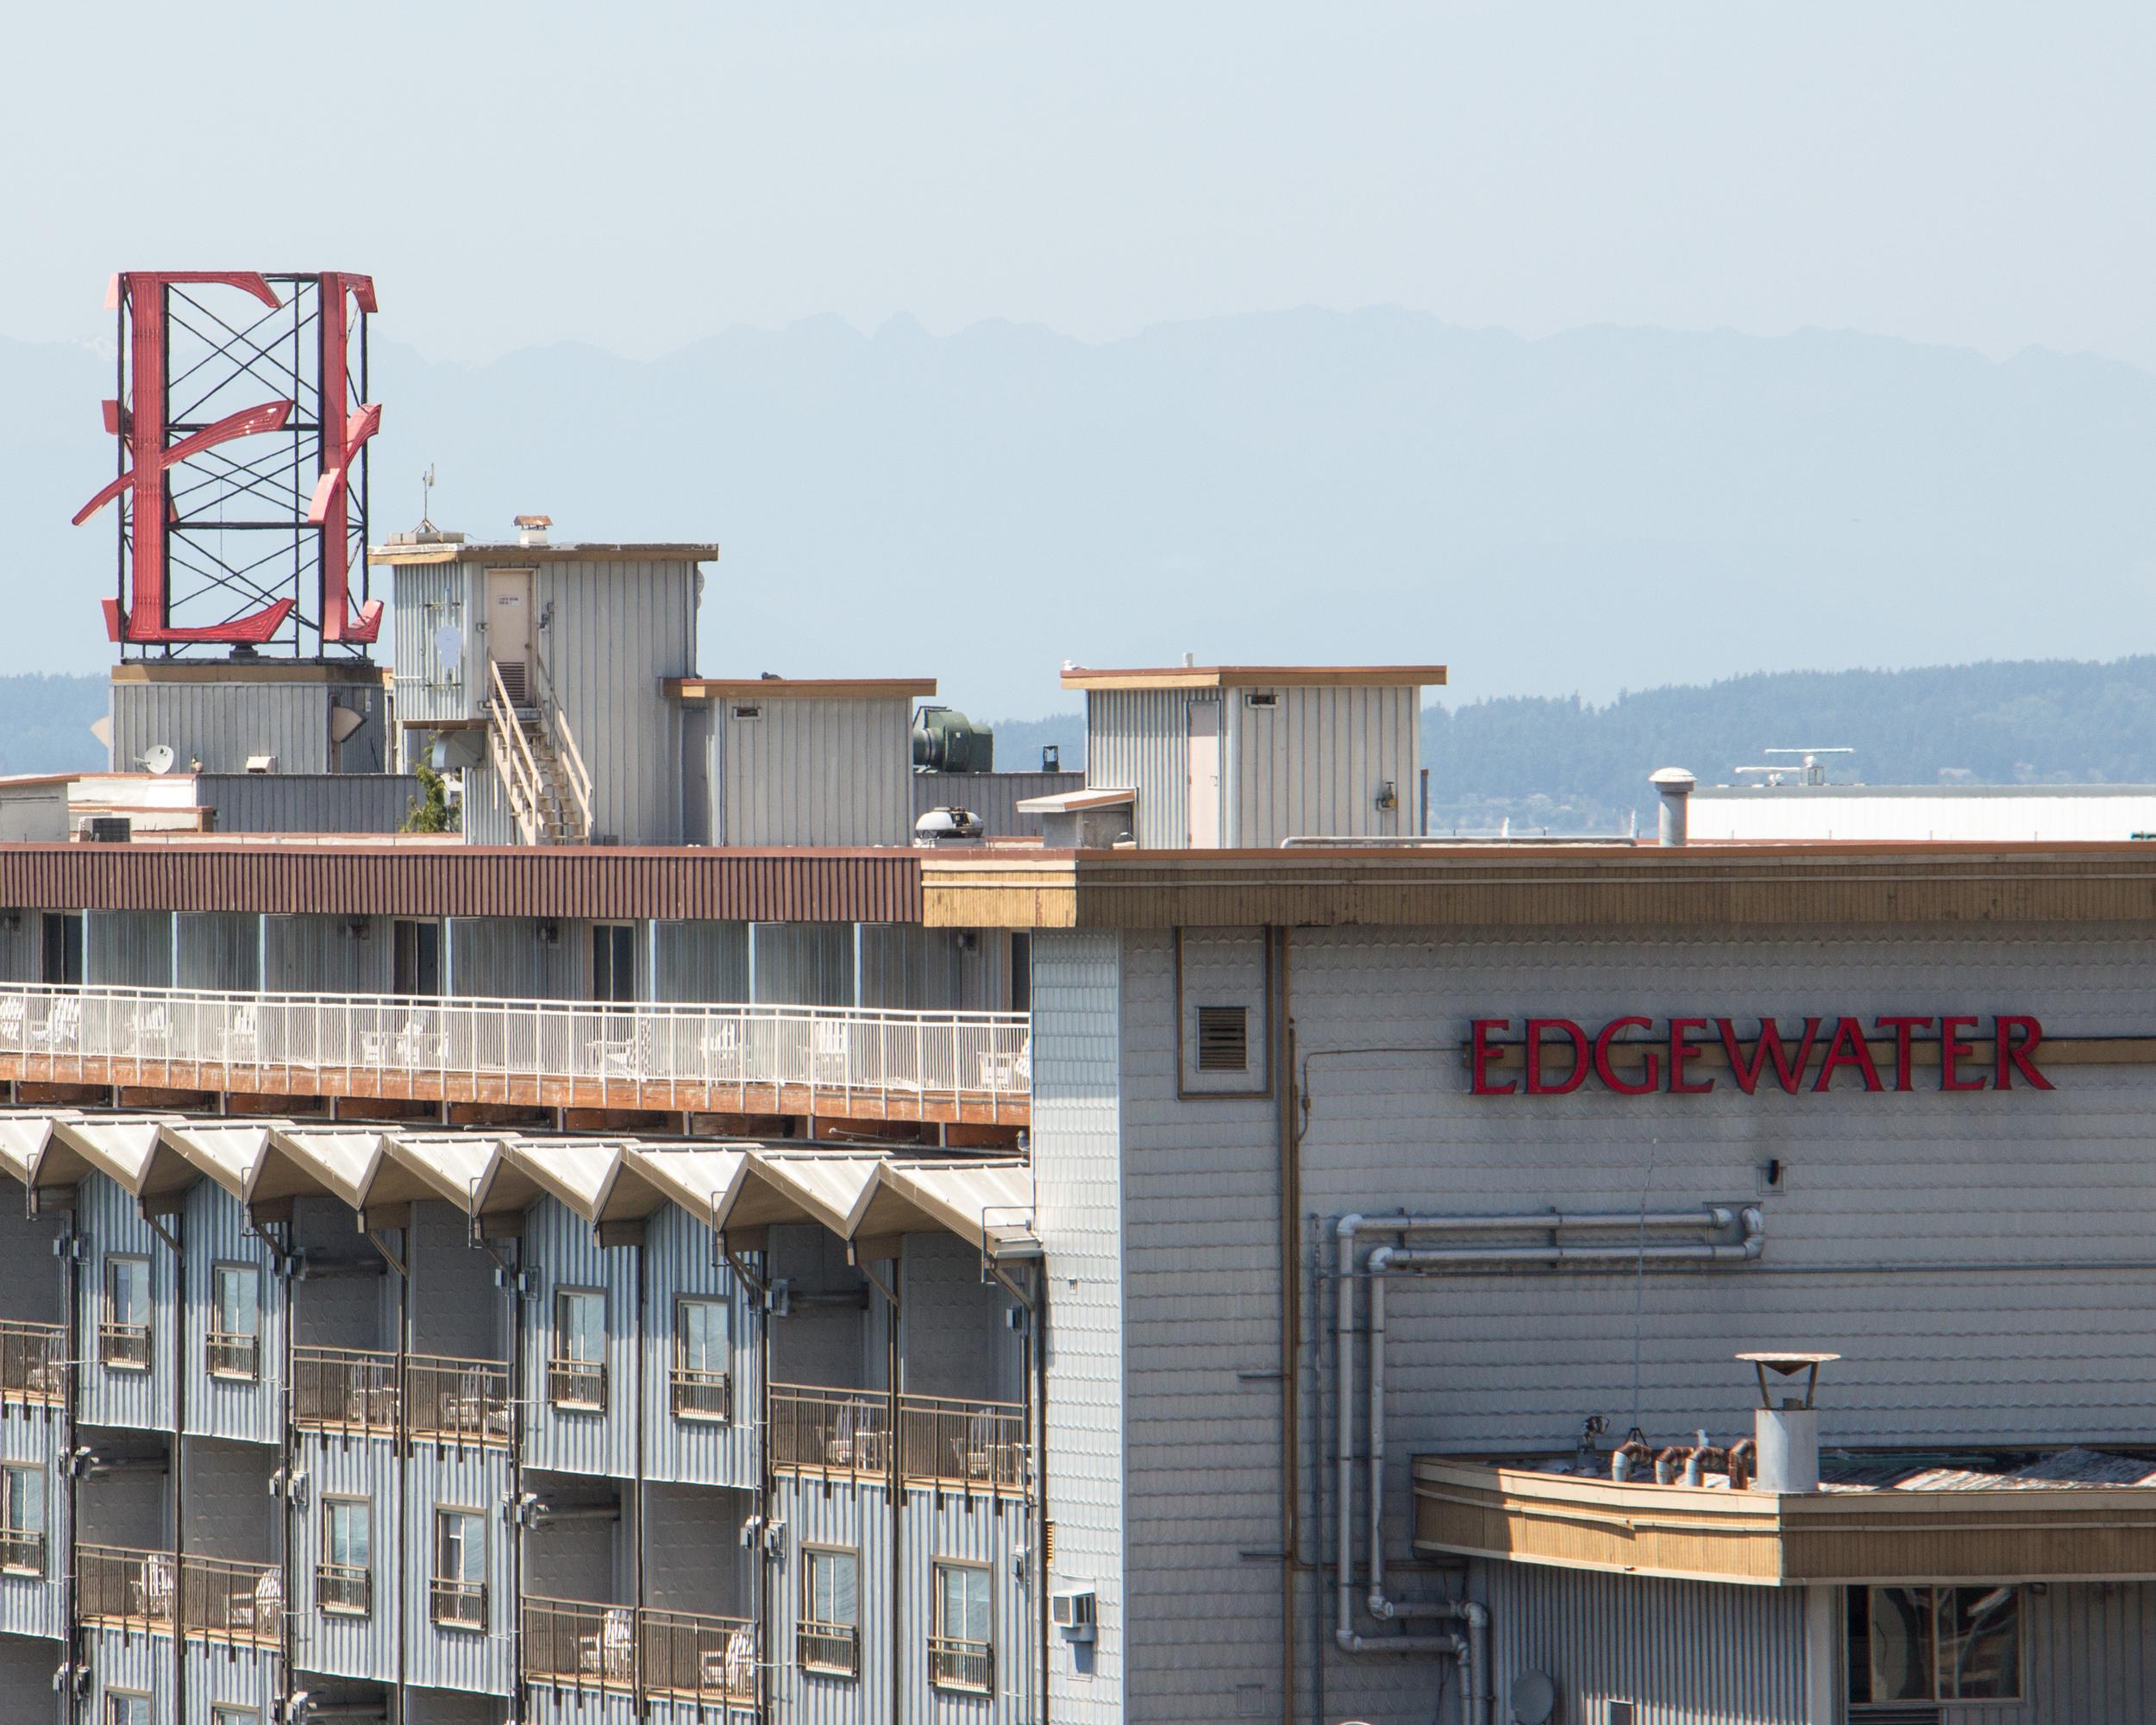 The Edgewater Hotel, Seattle, Washington